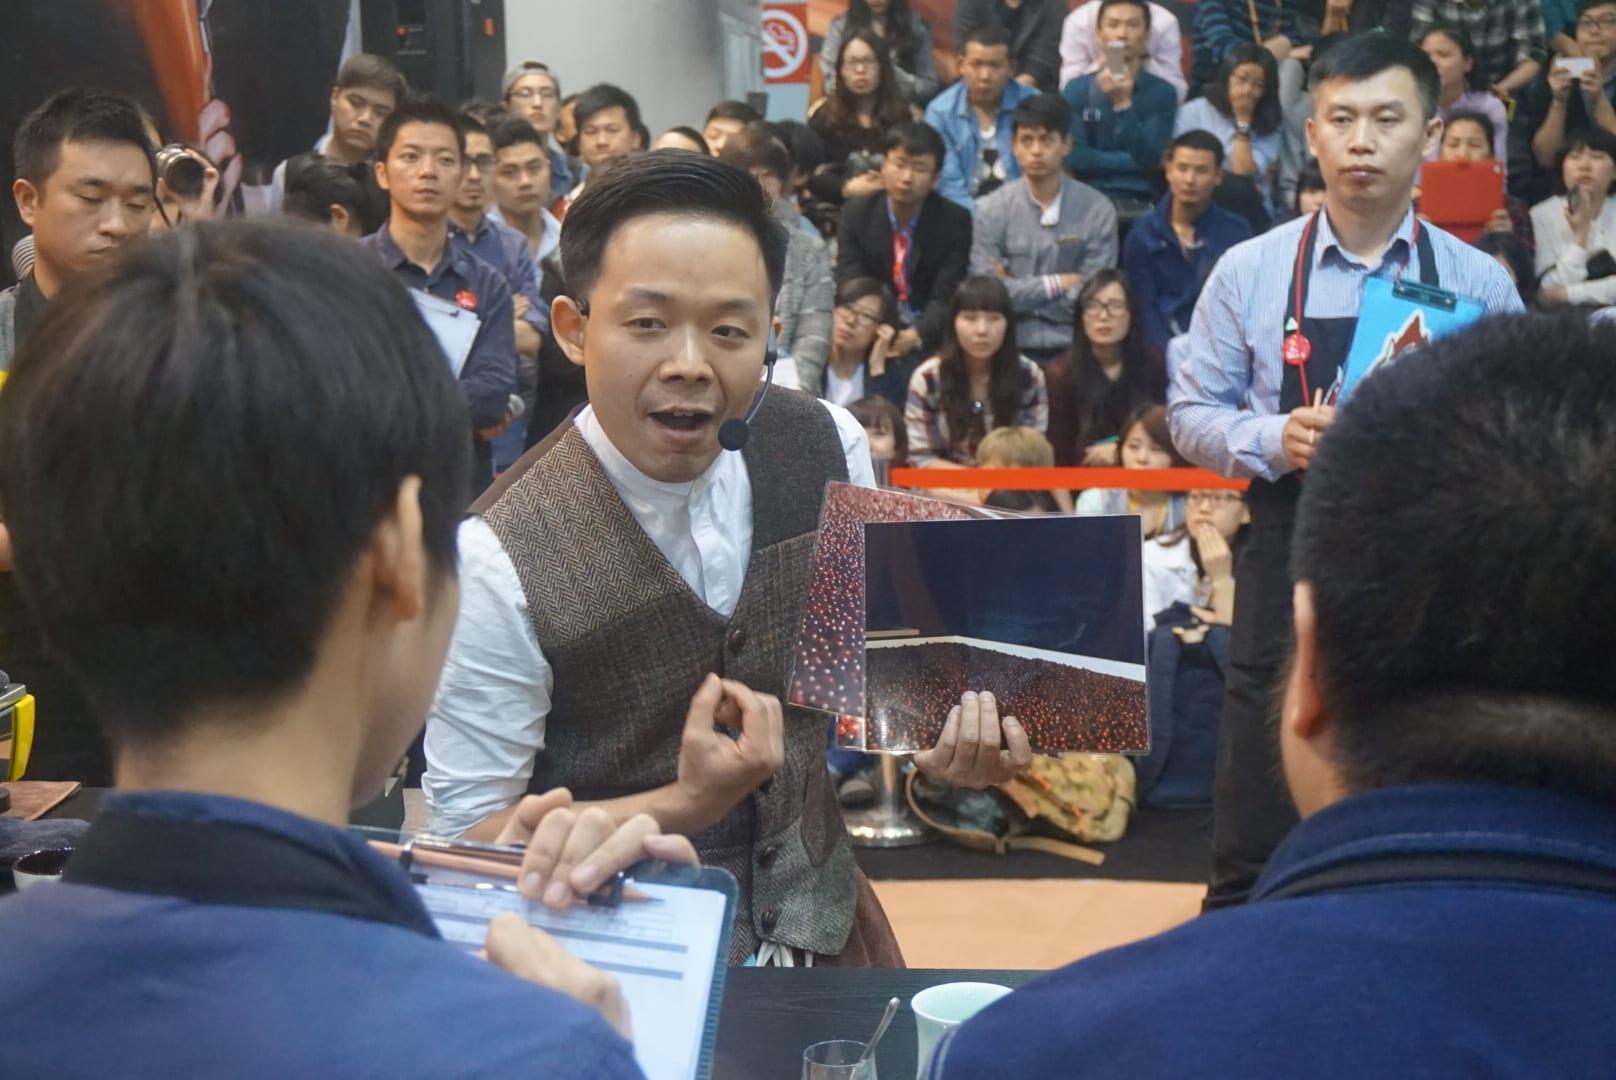 Chris (Yifeng) Chen